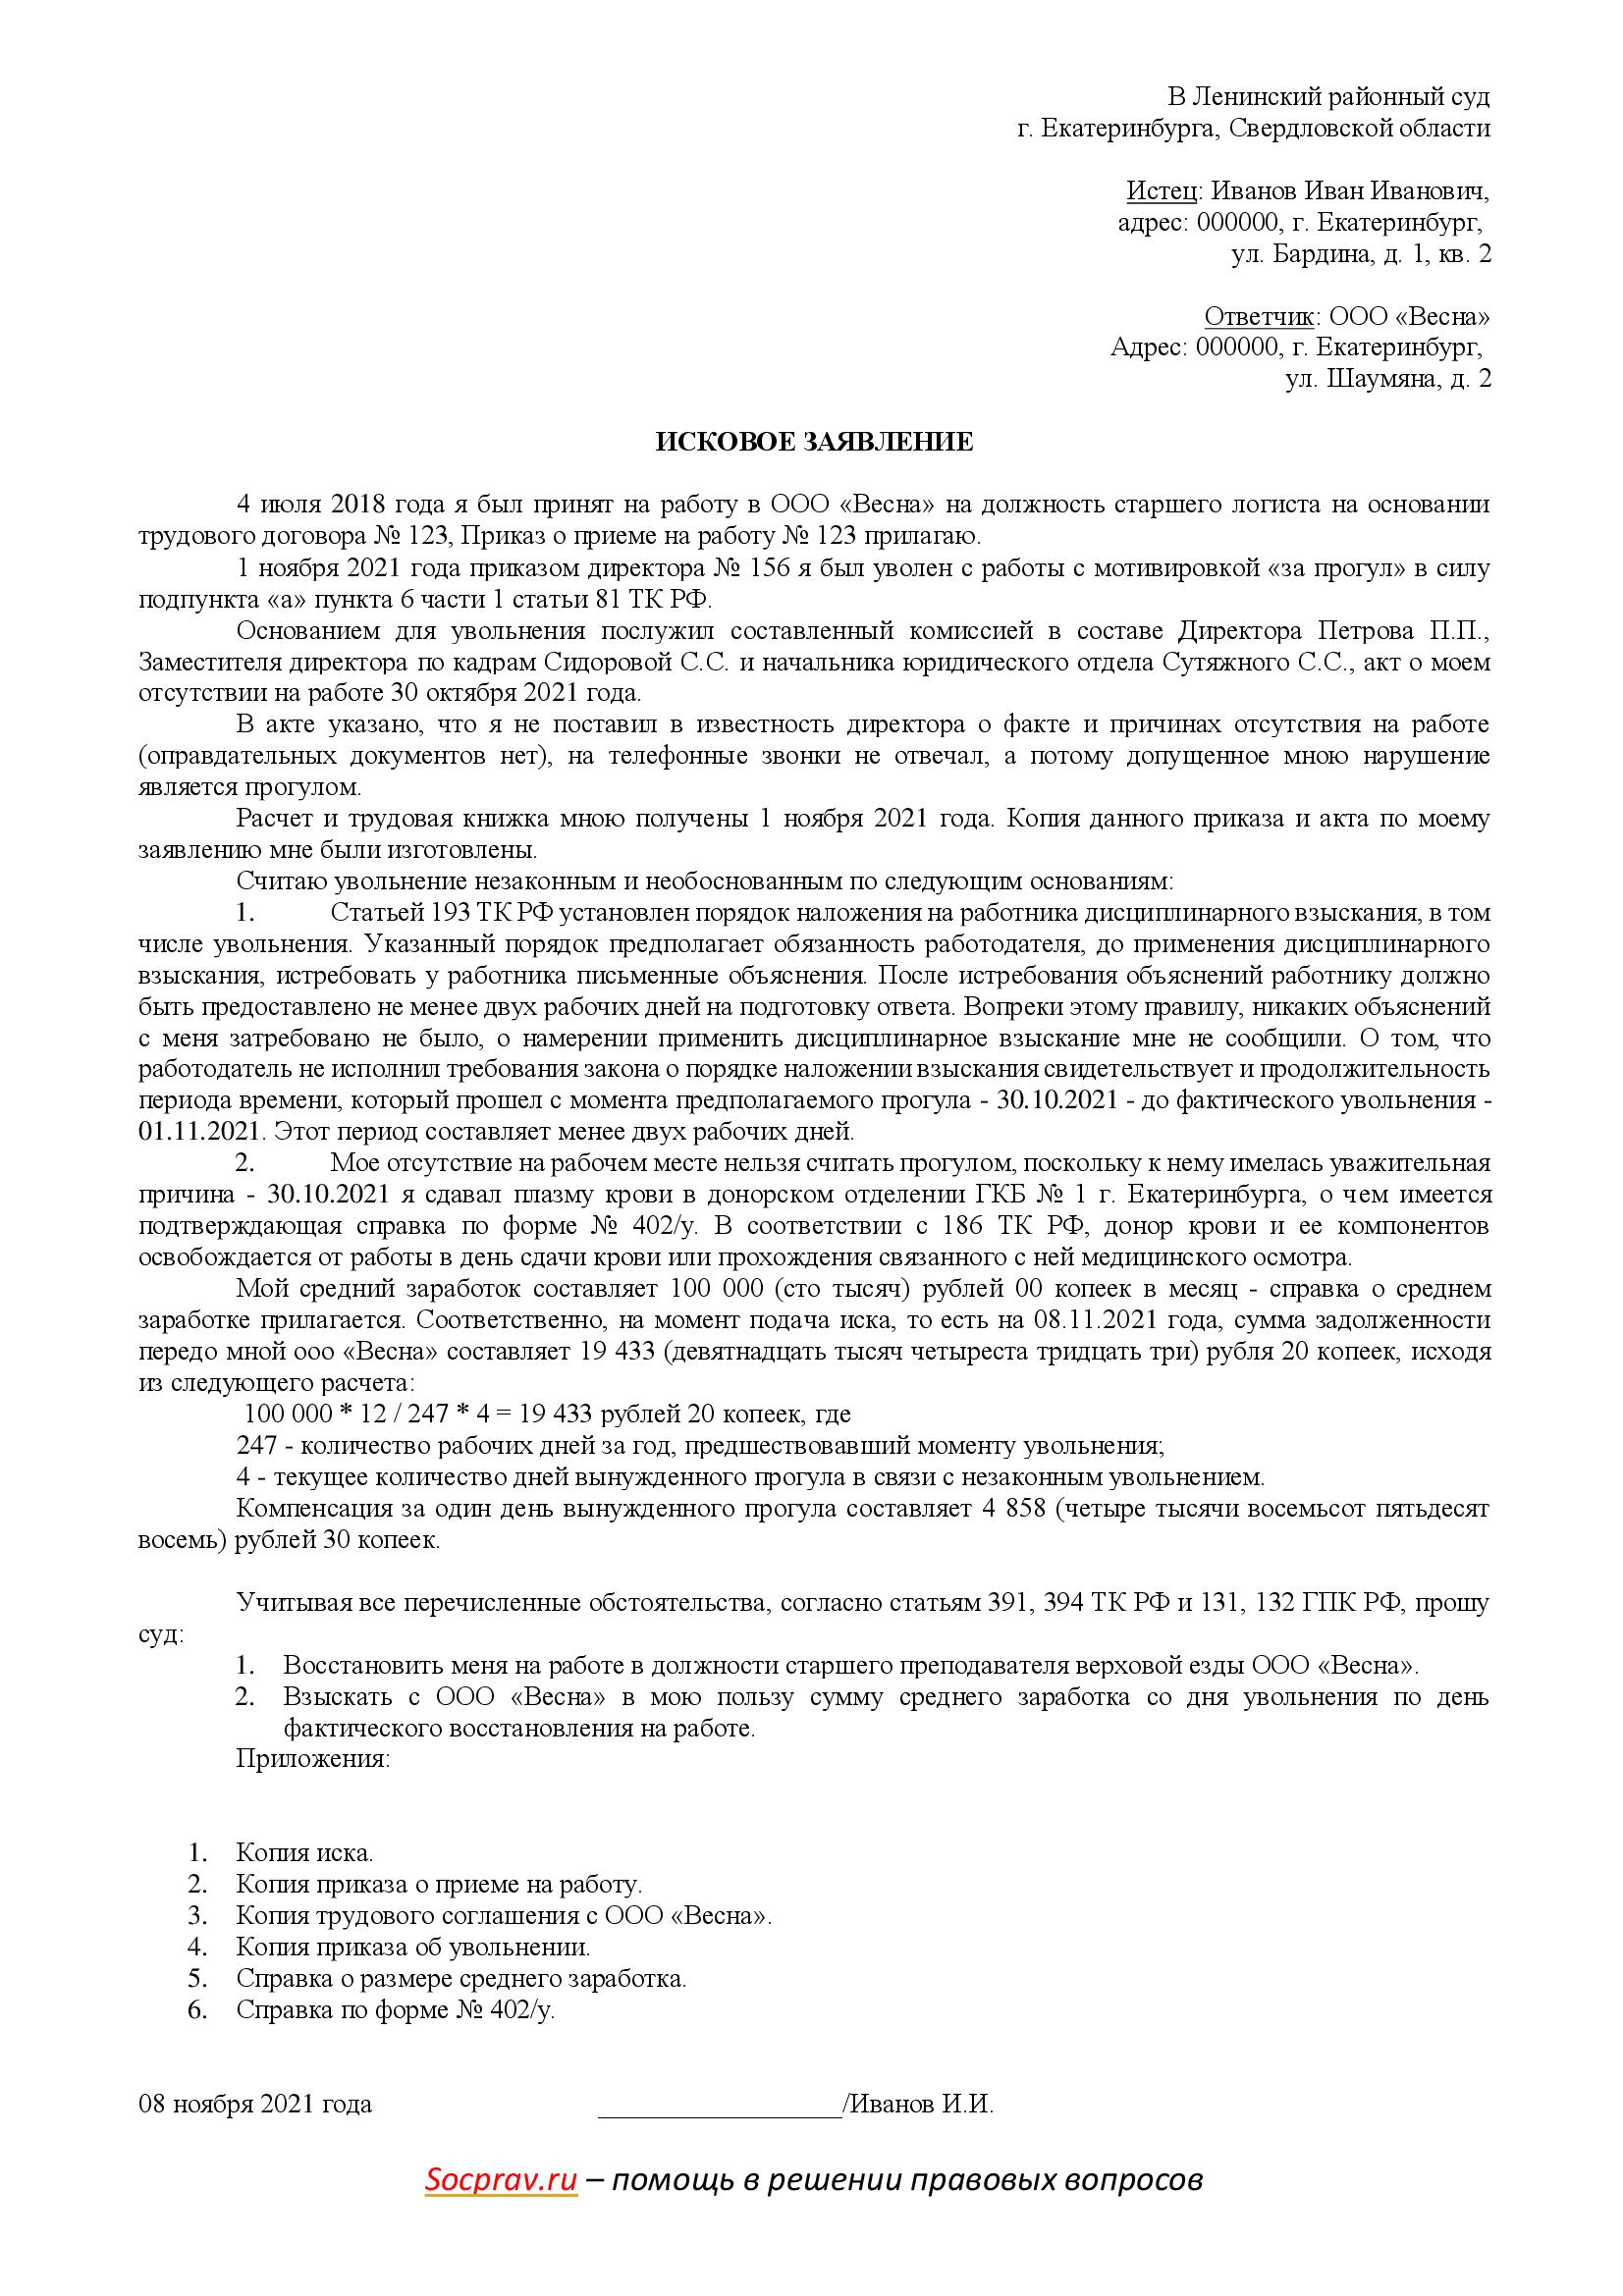 Исковое заявление о признании увольнения незаконным